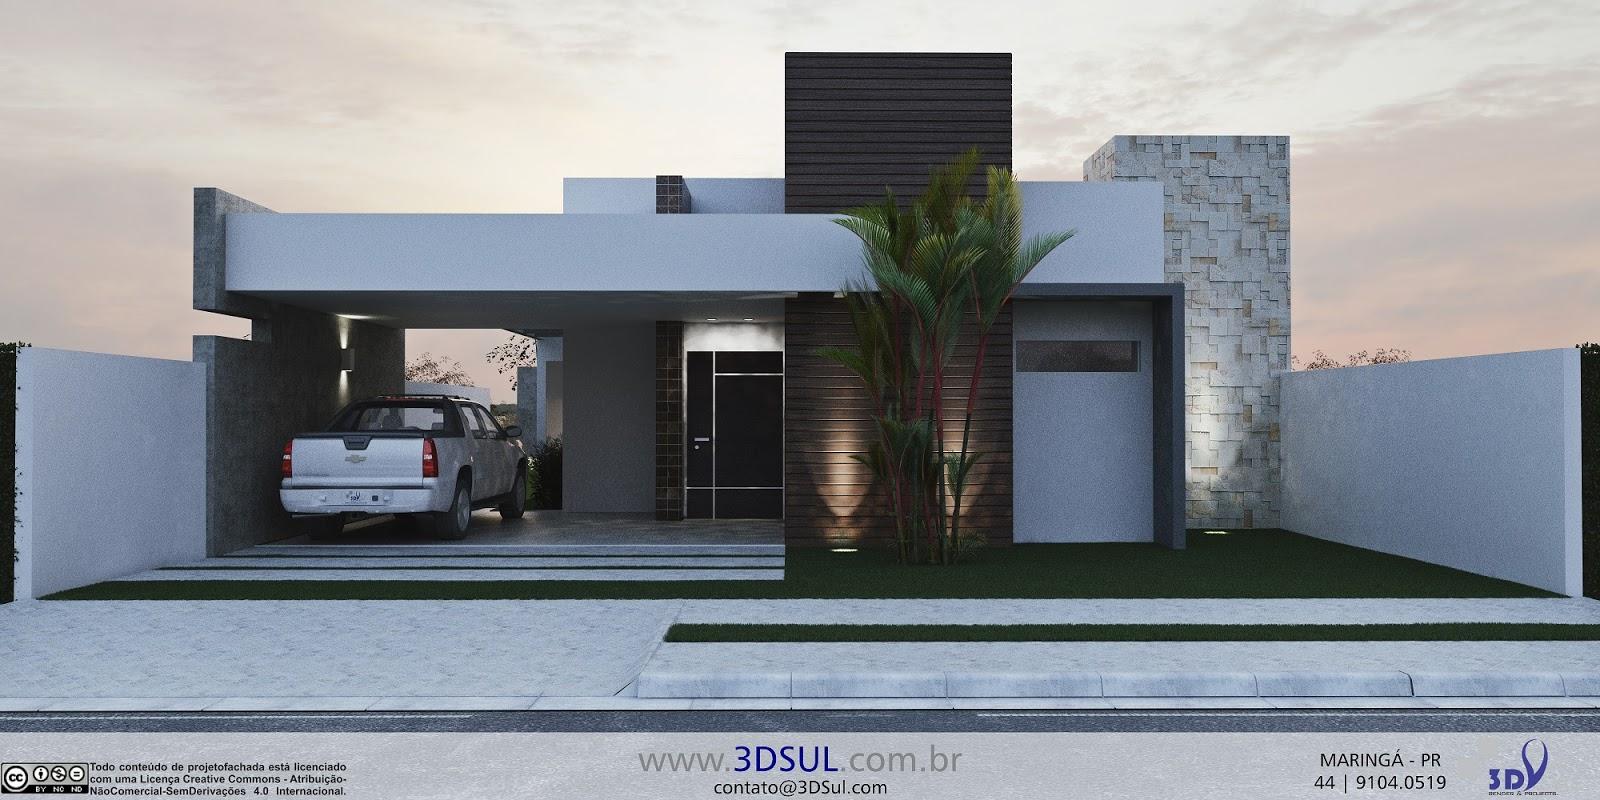 Casa moderna imagem jpeg 1600 800 pixels for Arquitectura moderna